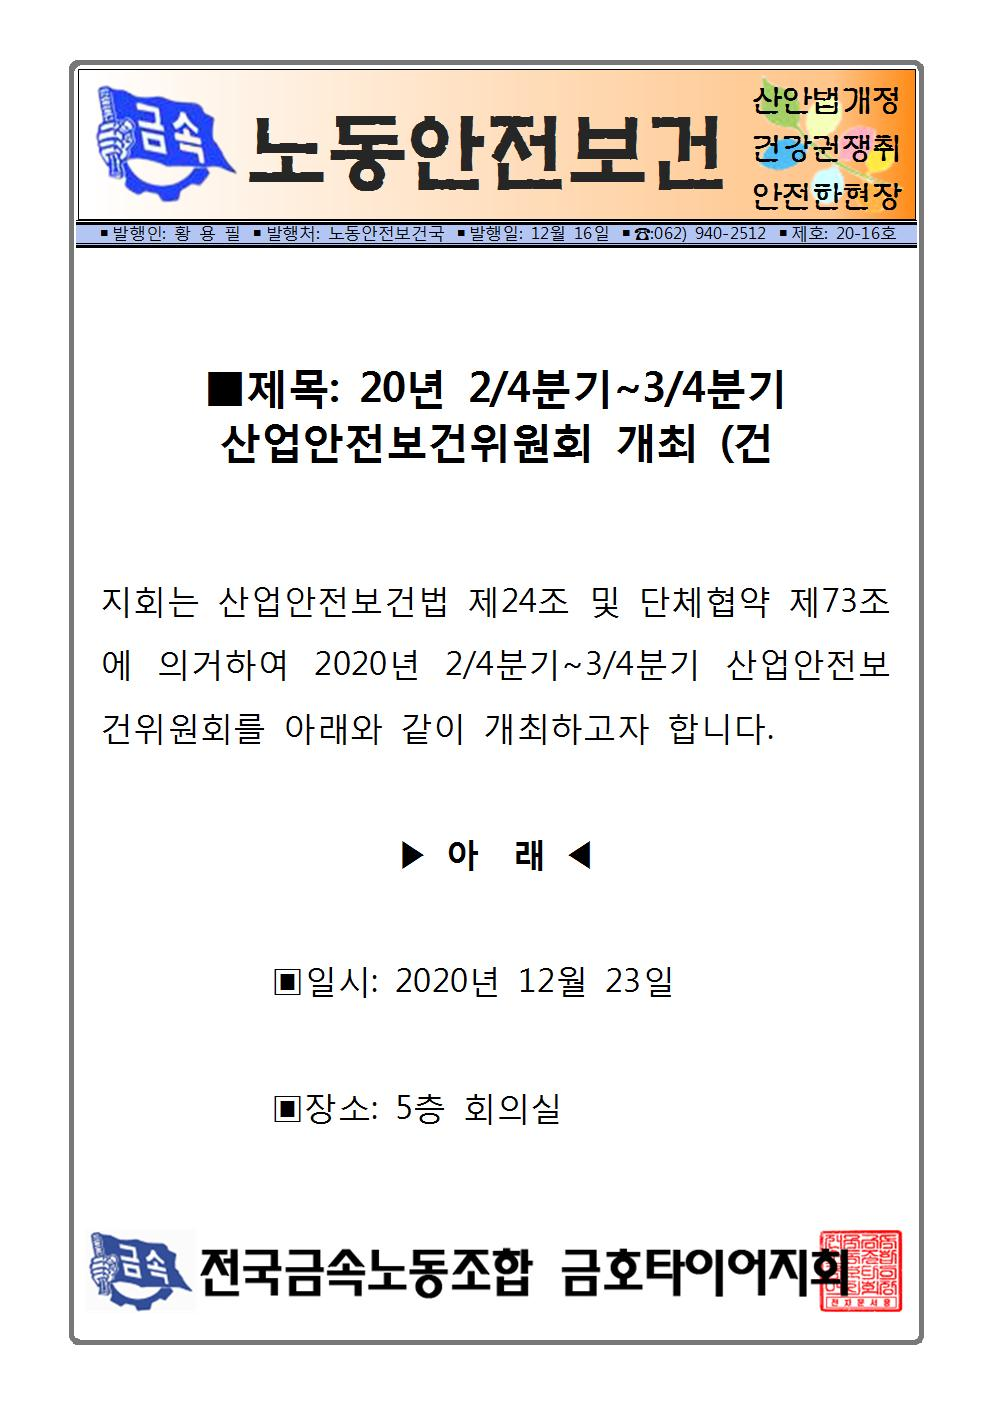 20-16 20년2분기~3분기 산보위 개최 건.jpg